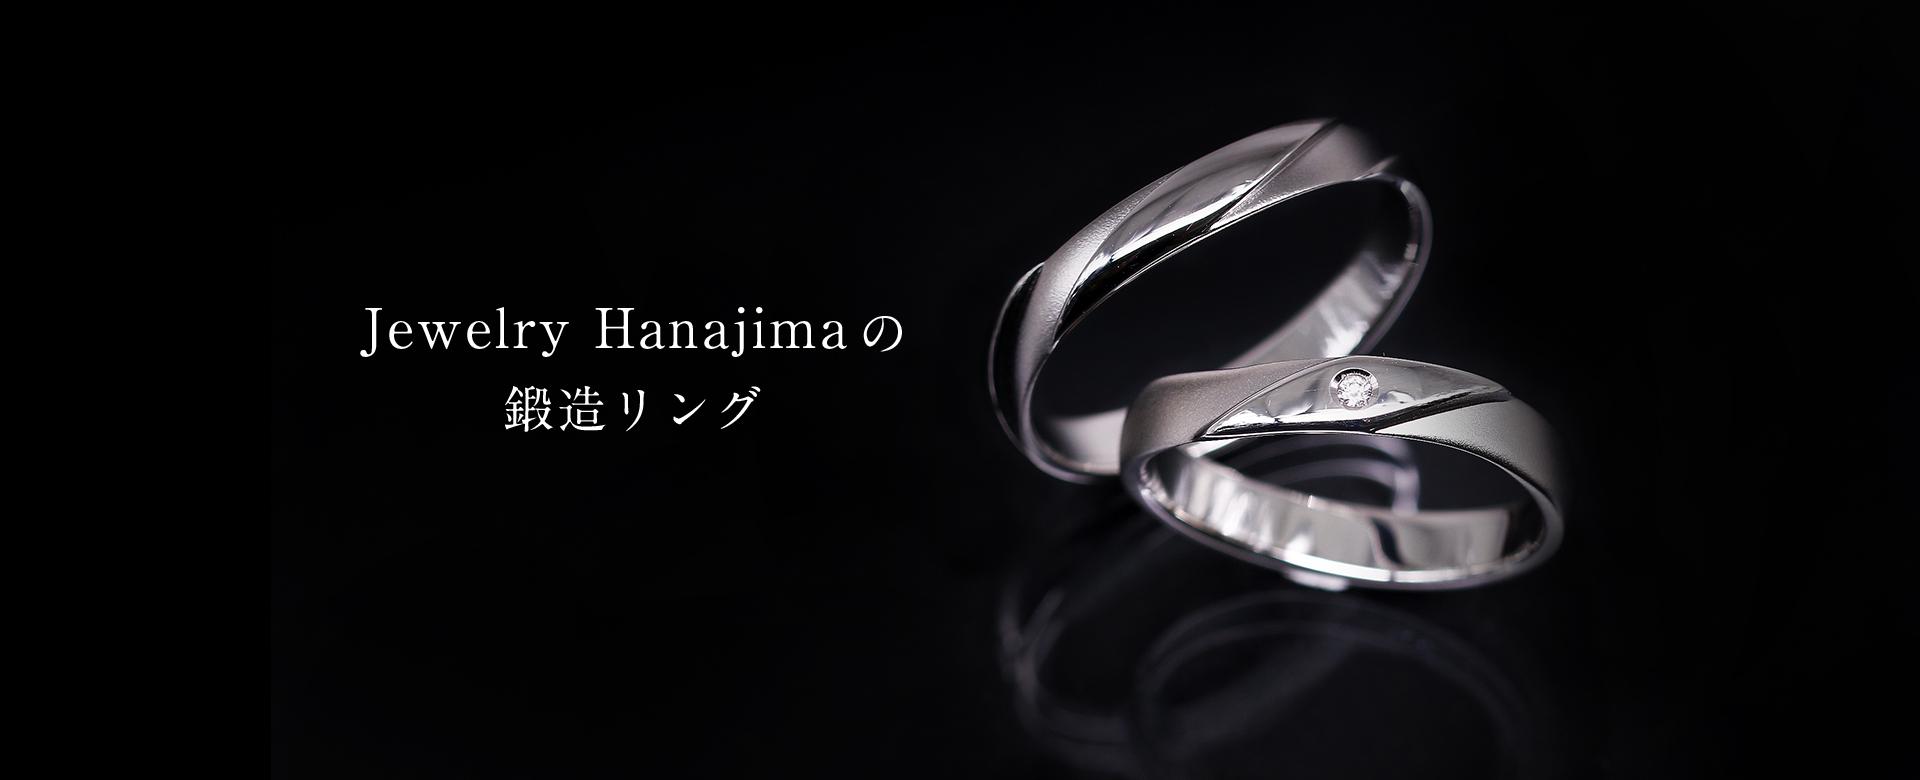 Jewelry Hanajimaの鍛造リング